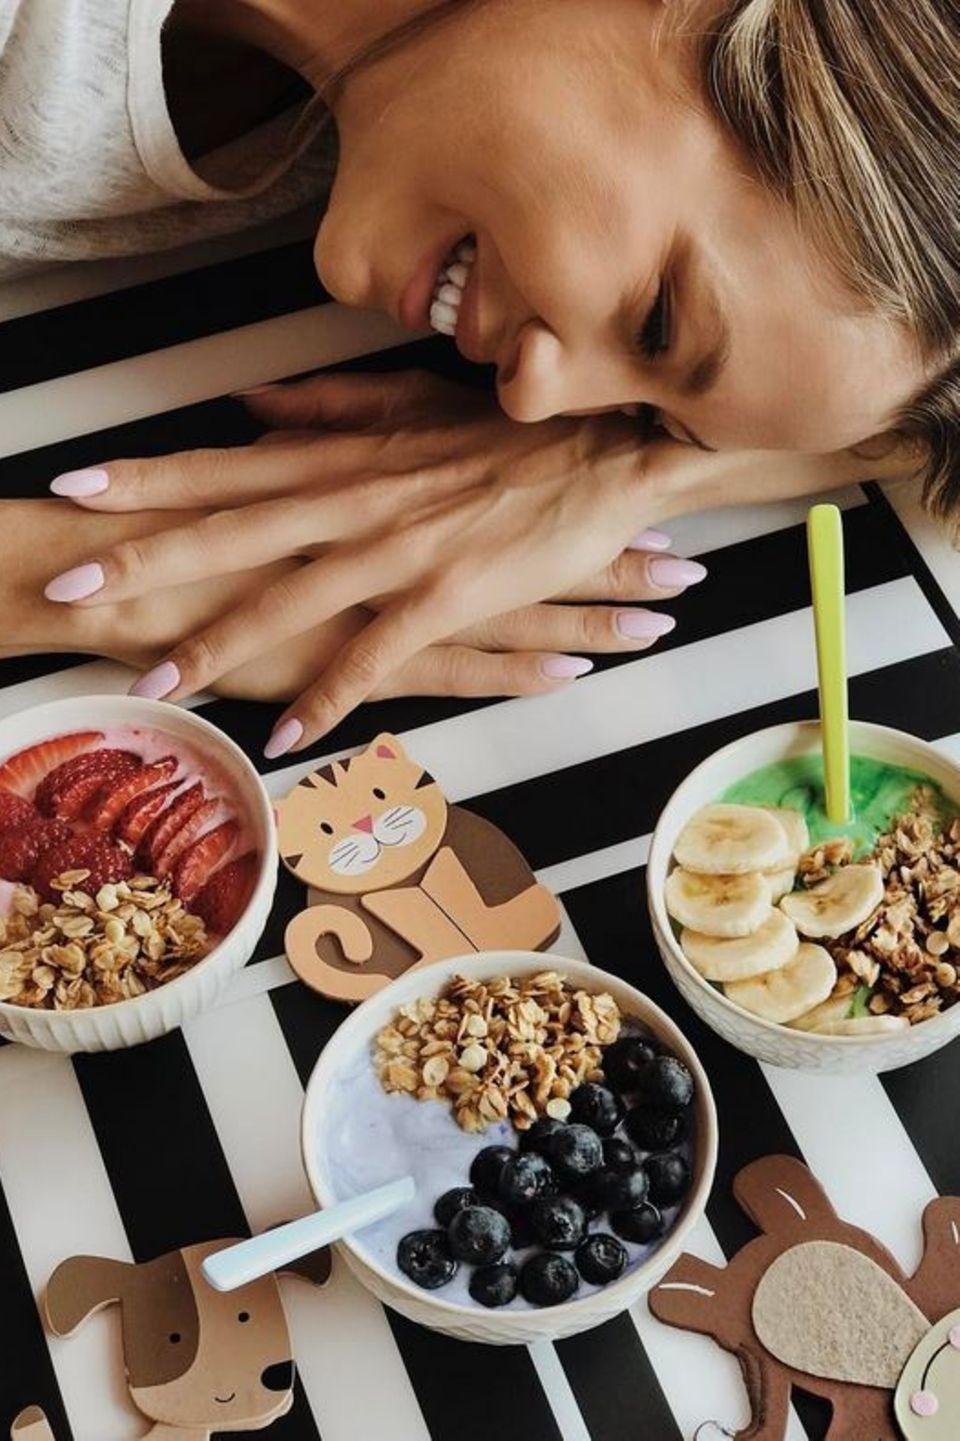 Alessandra Meyer-Wölden stellt ihre Frühstücksfavoriten am Sonntag vor: Griechischer Joghurt, selbst gemachtes Knuspermüsli, Banane und verschiedene Beeren.